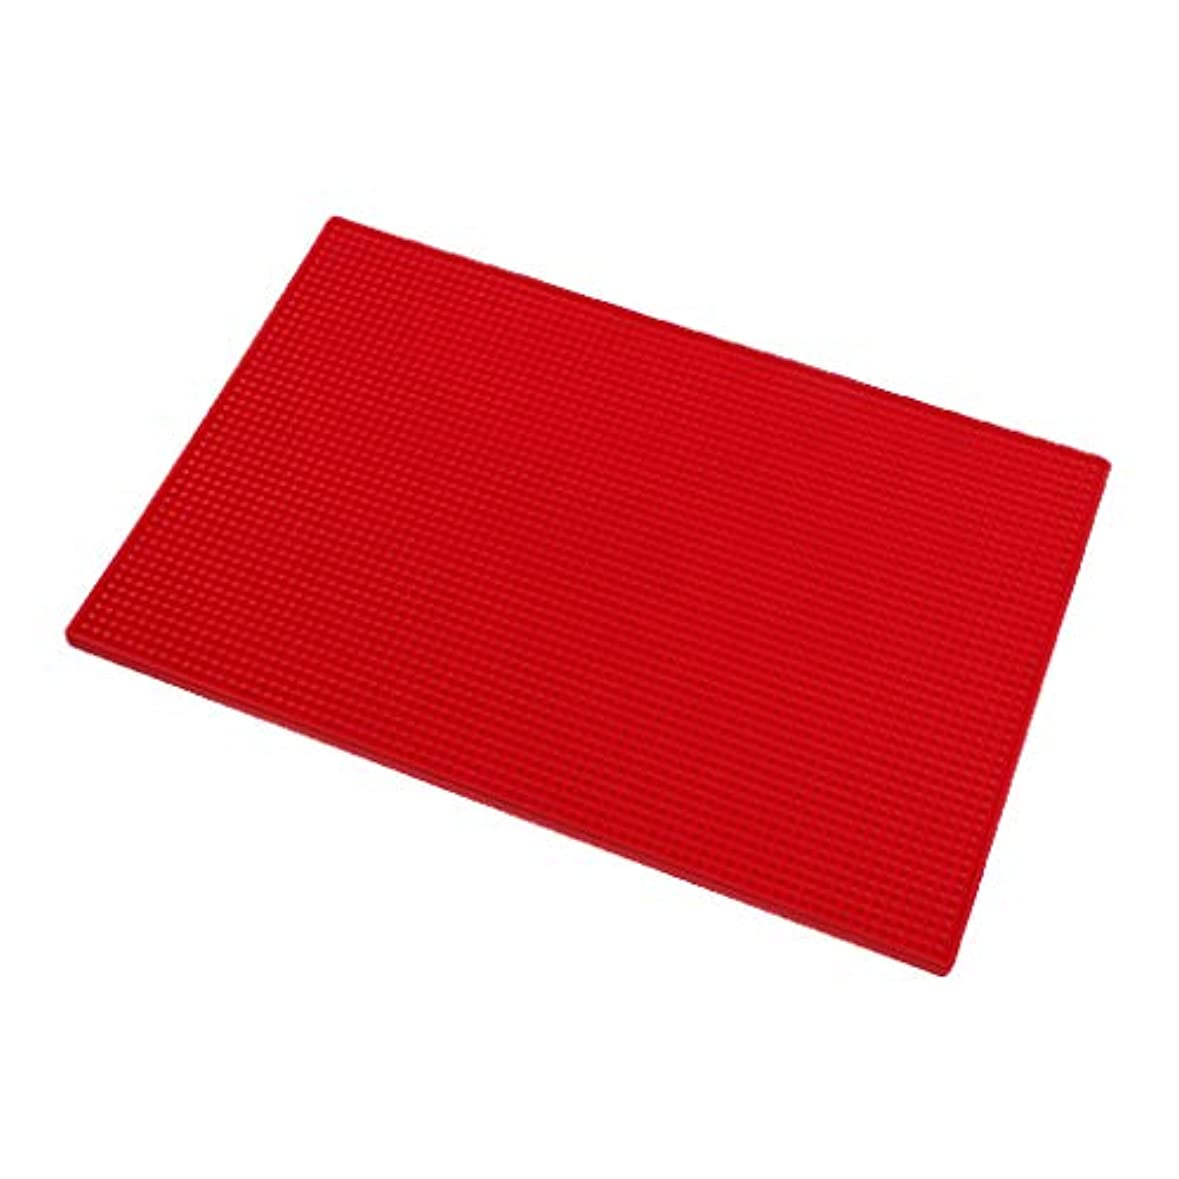 火山学市の中心部麻酔薬クッション シリコンマット ネイルアート ハンドレスト マニキュアツール 全3色 - 赤